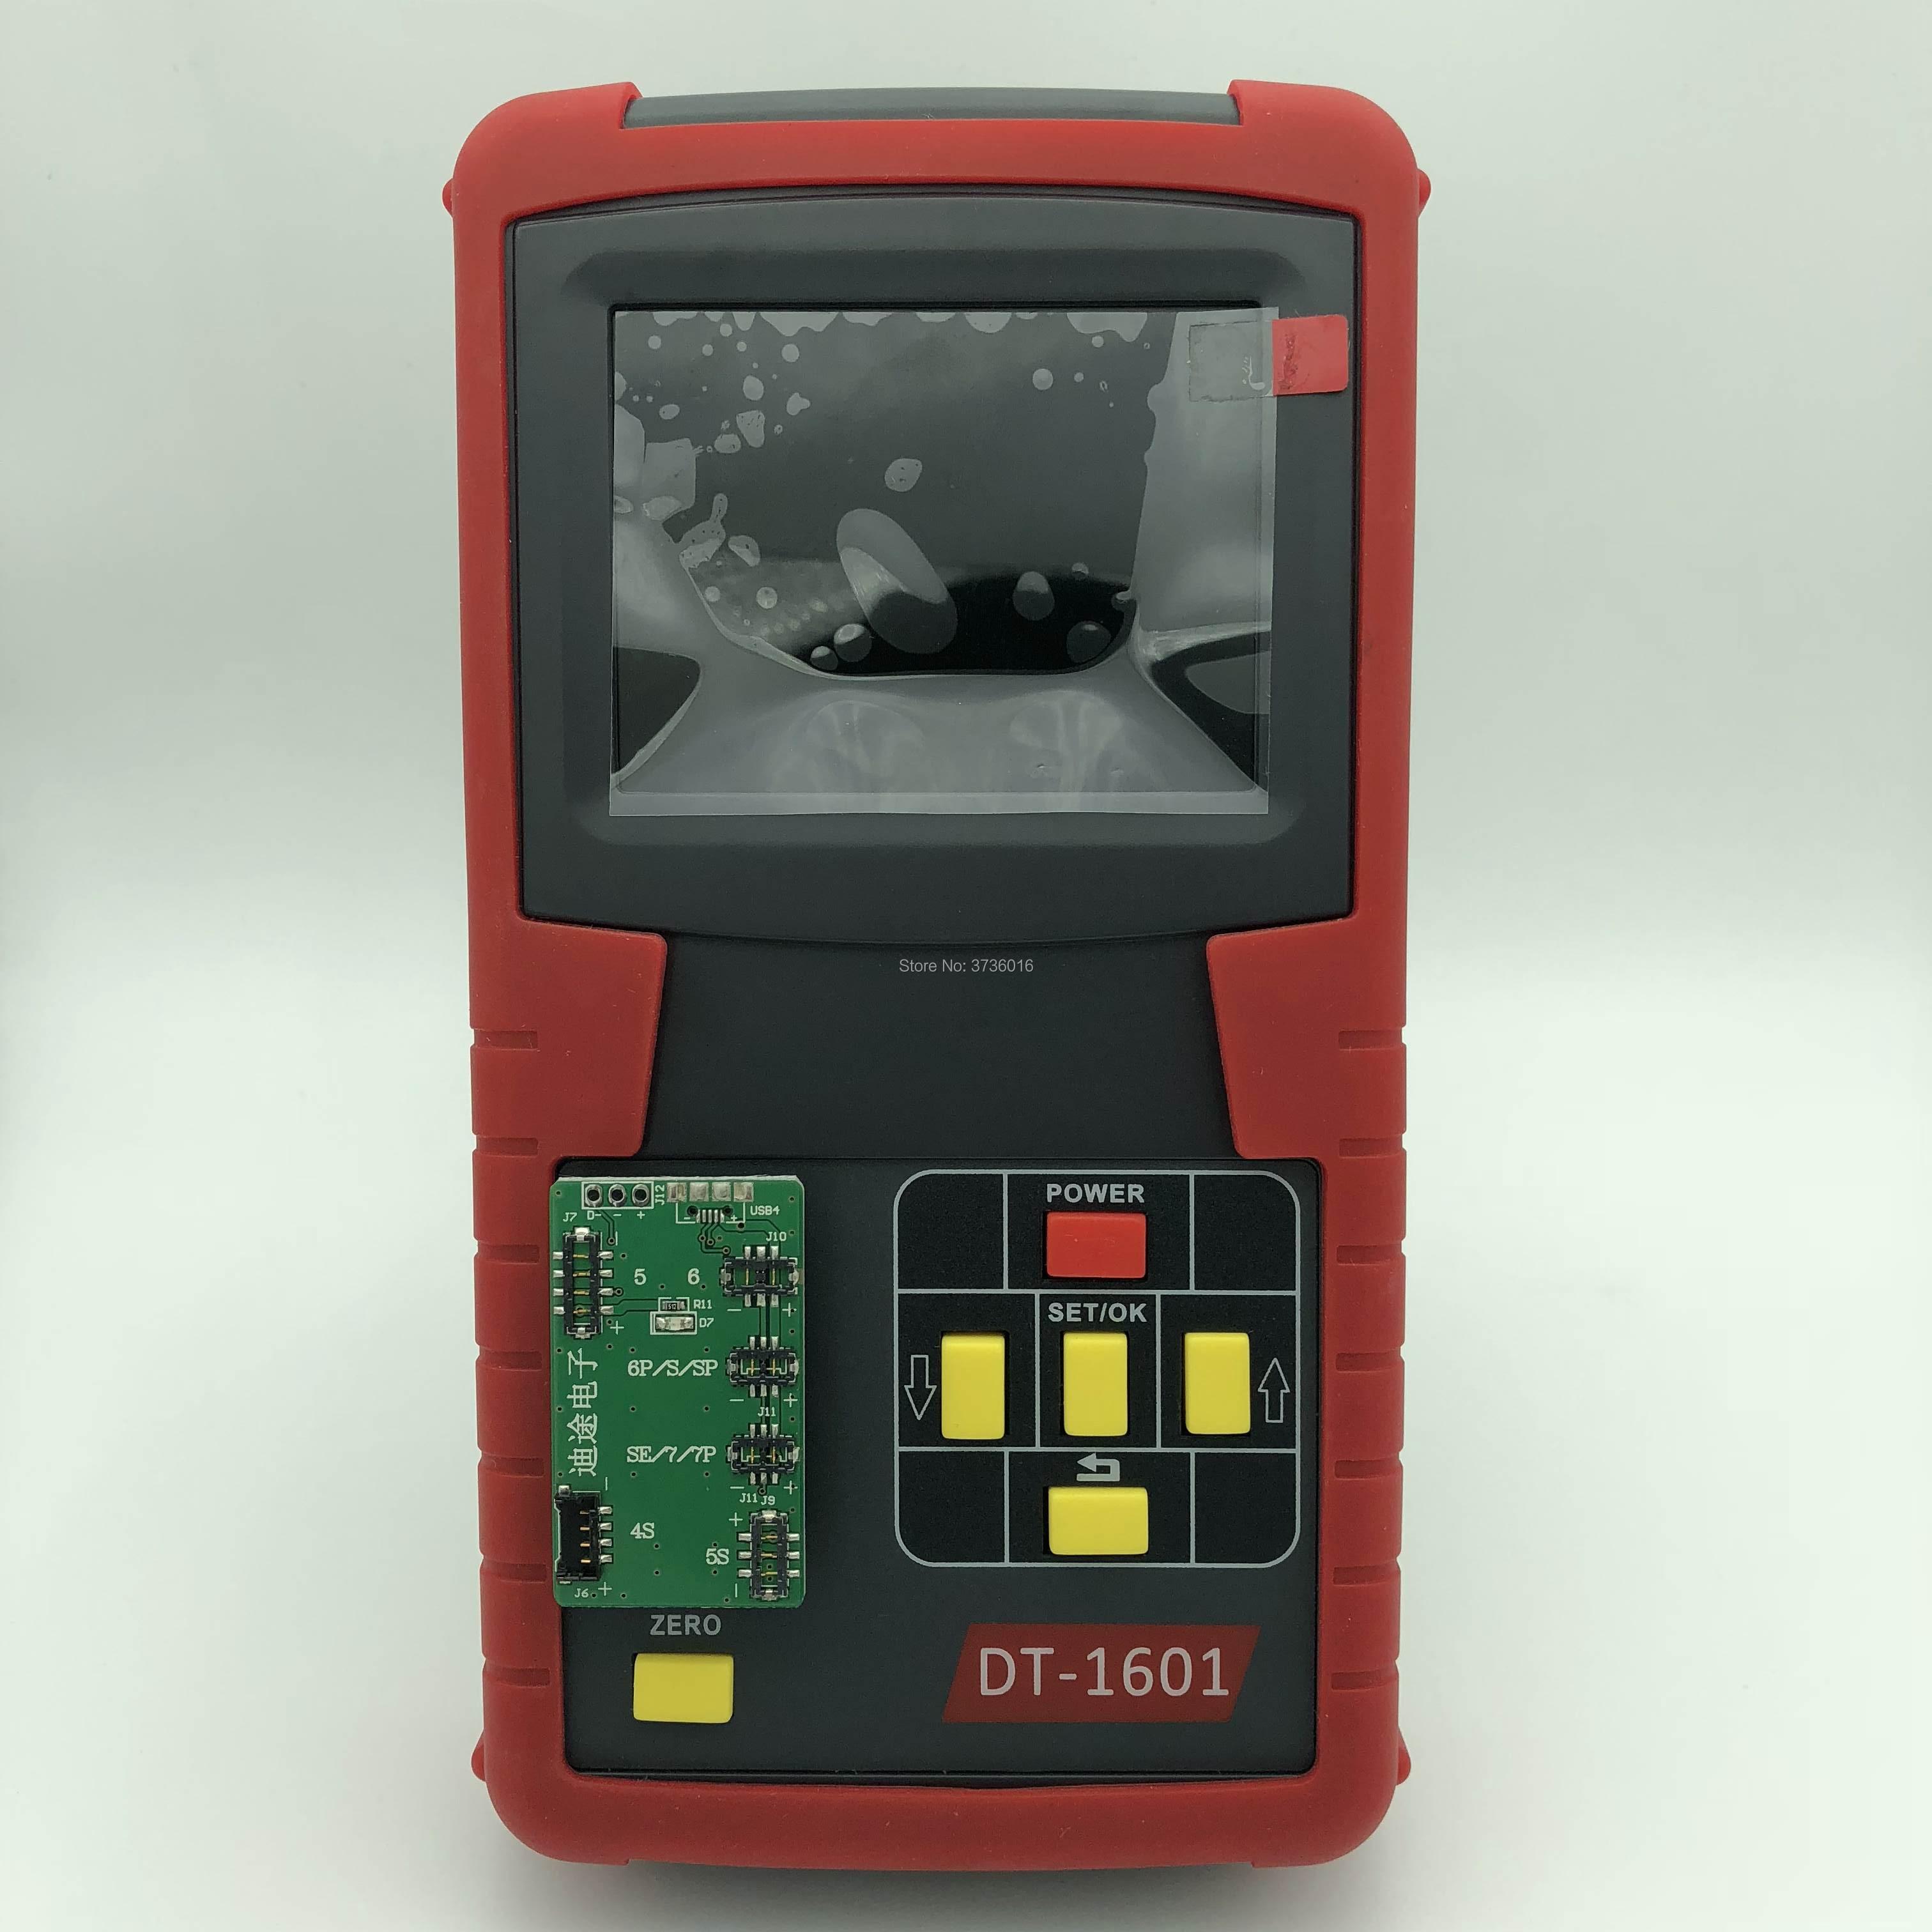 DT-1601 analisador digital do teste da bateria do telefone móvel para 4 a x detecção da propriedade da bateria e restauração da bateria clara